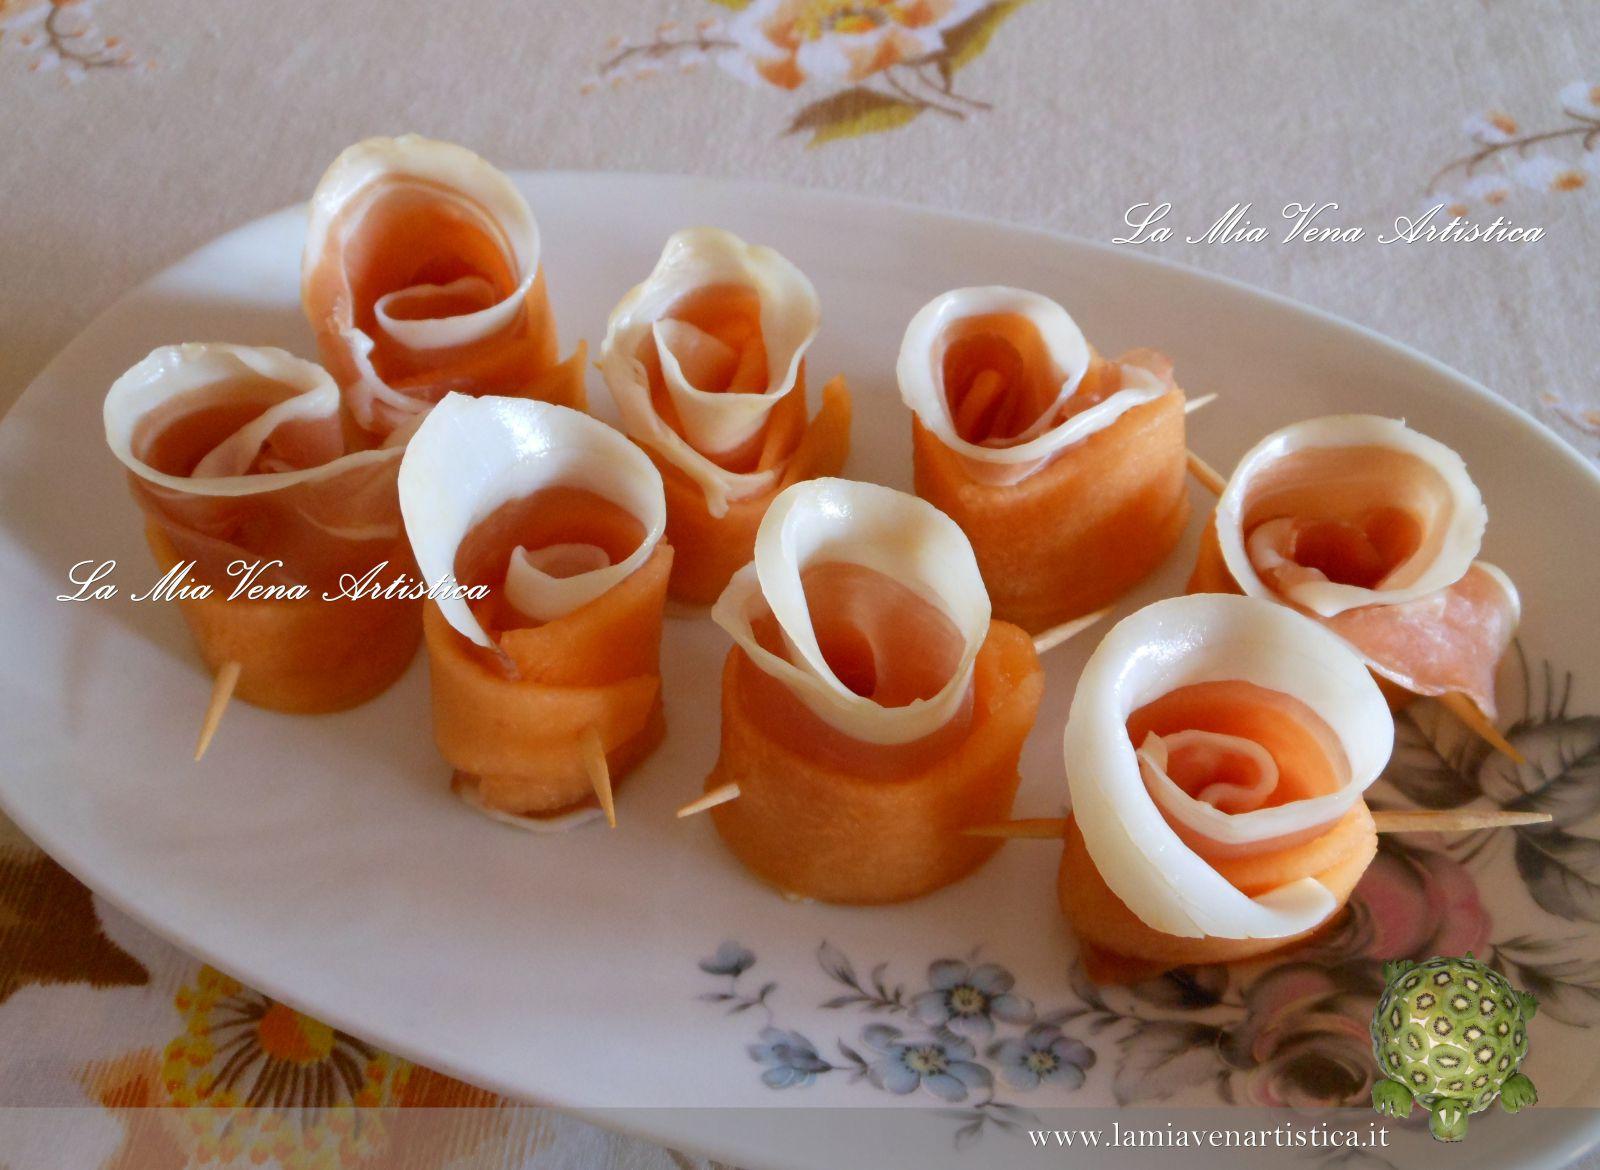 Amato di roselline di prosciutto crudo e melone NB29